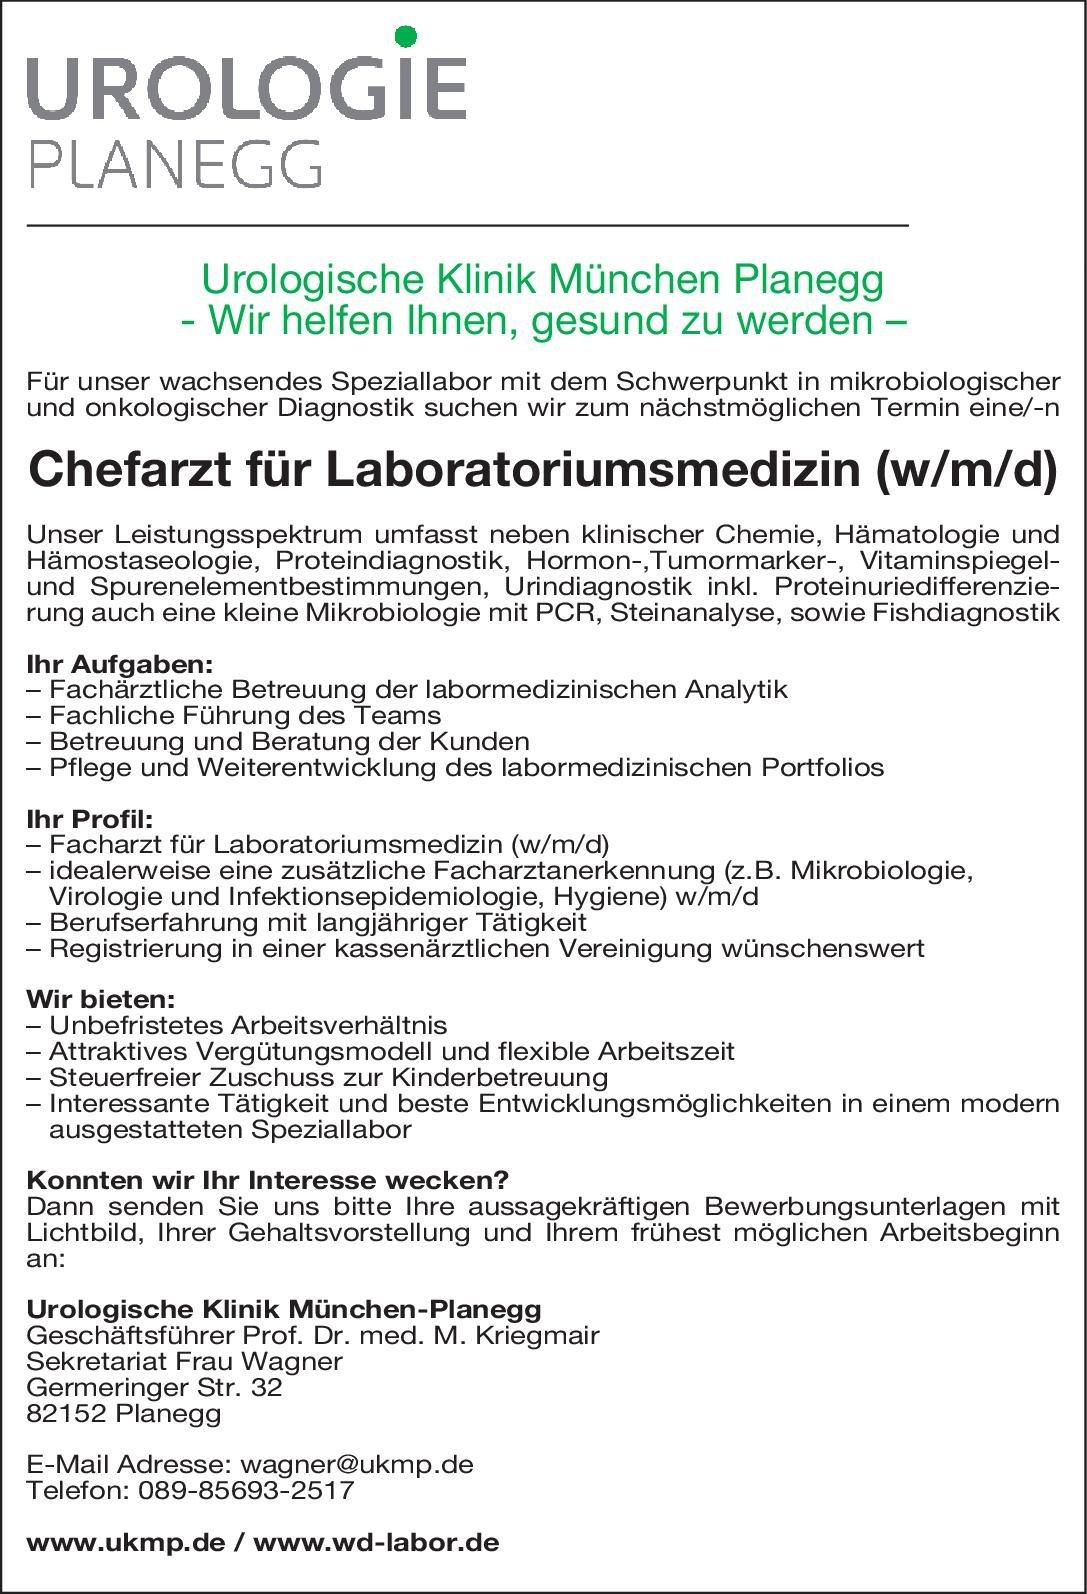 Urologische Klinik München-Planegg Chefarzt für Laboratoriumsmedizin (w/m/d) Laboratoriumsmedizin Chefarzt